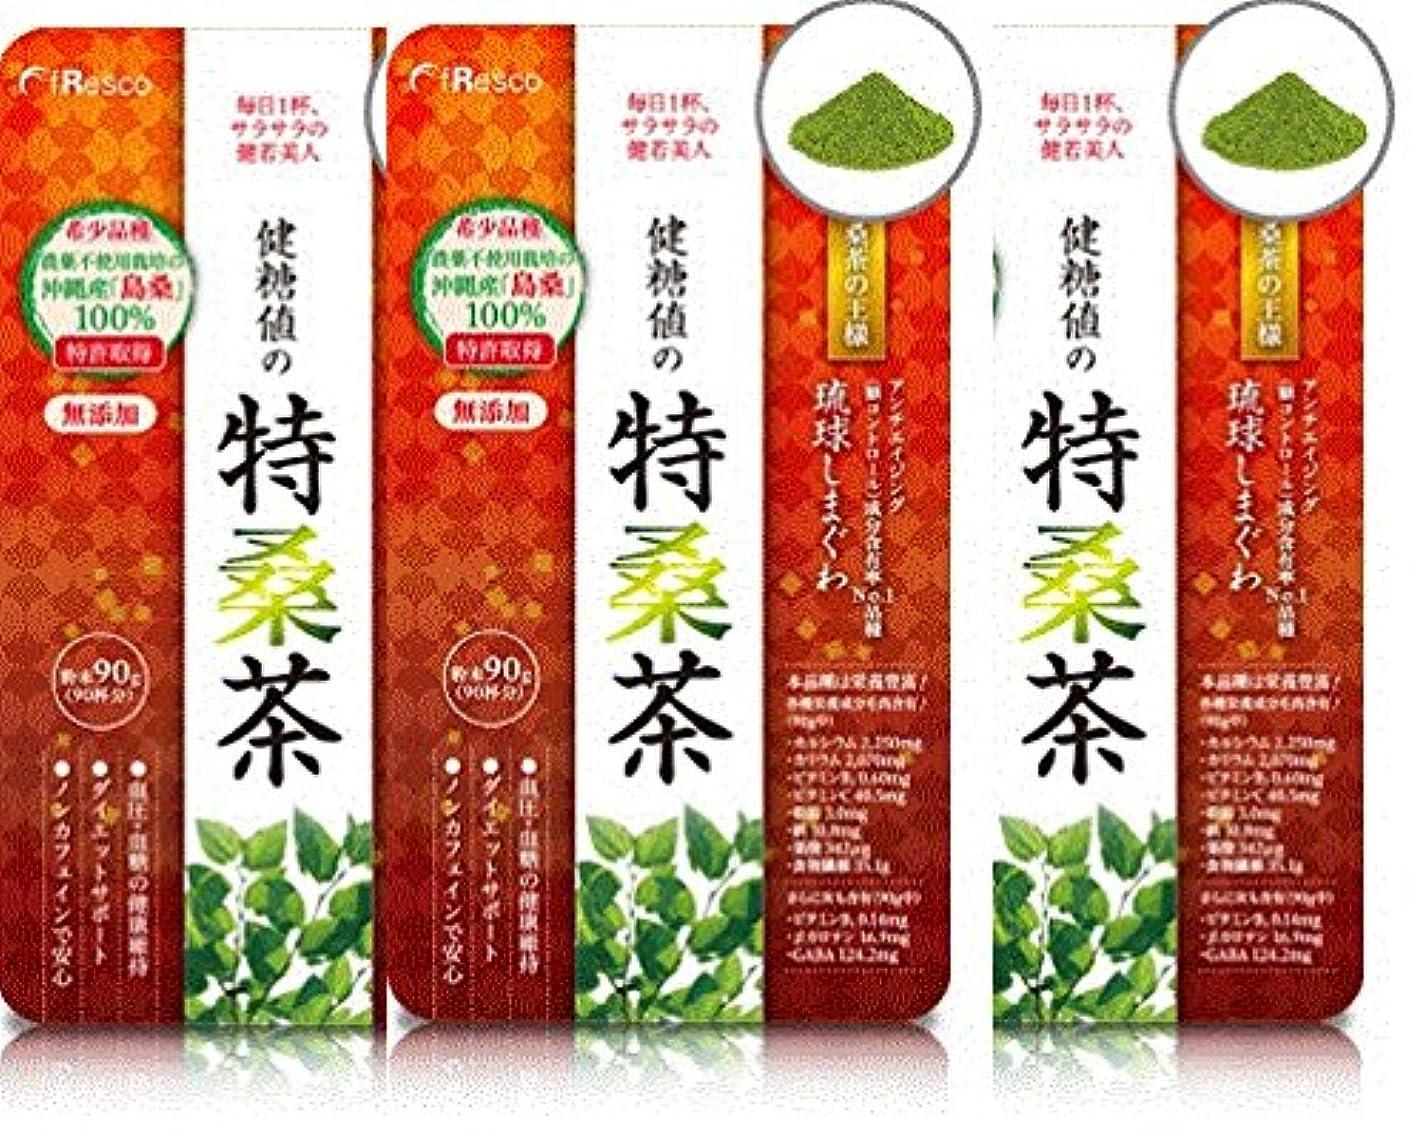 滅多概要にじみ出る琉球しまぐわ 健糖値の特桑茶 270g(90g × 3袋) 【5% OFF】【送料無料】